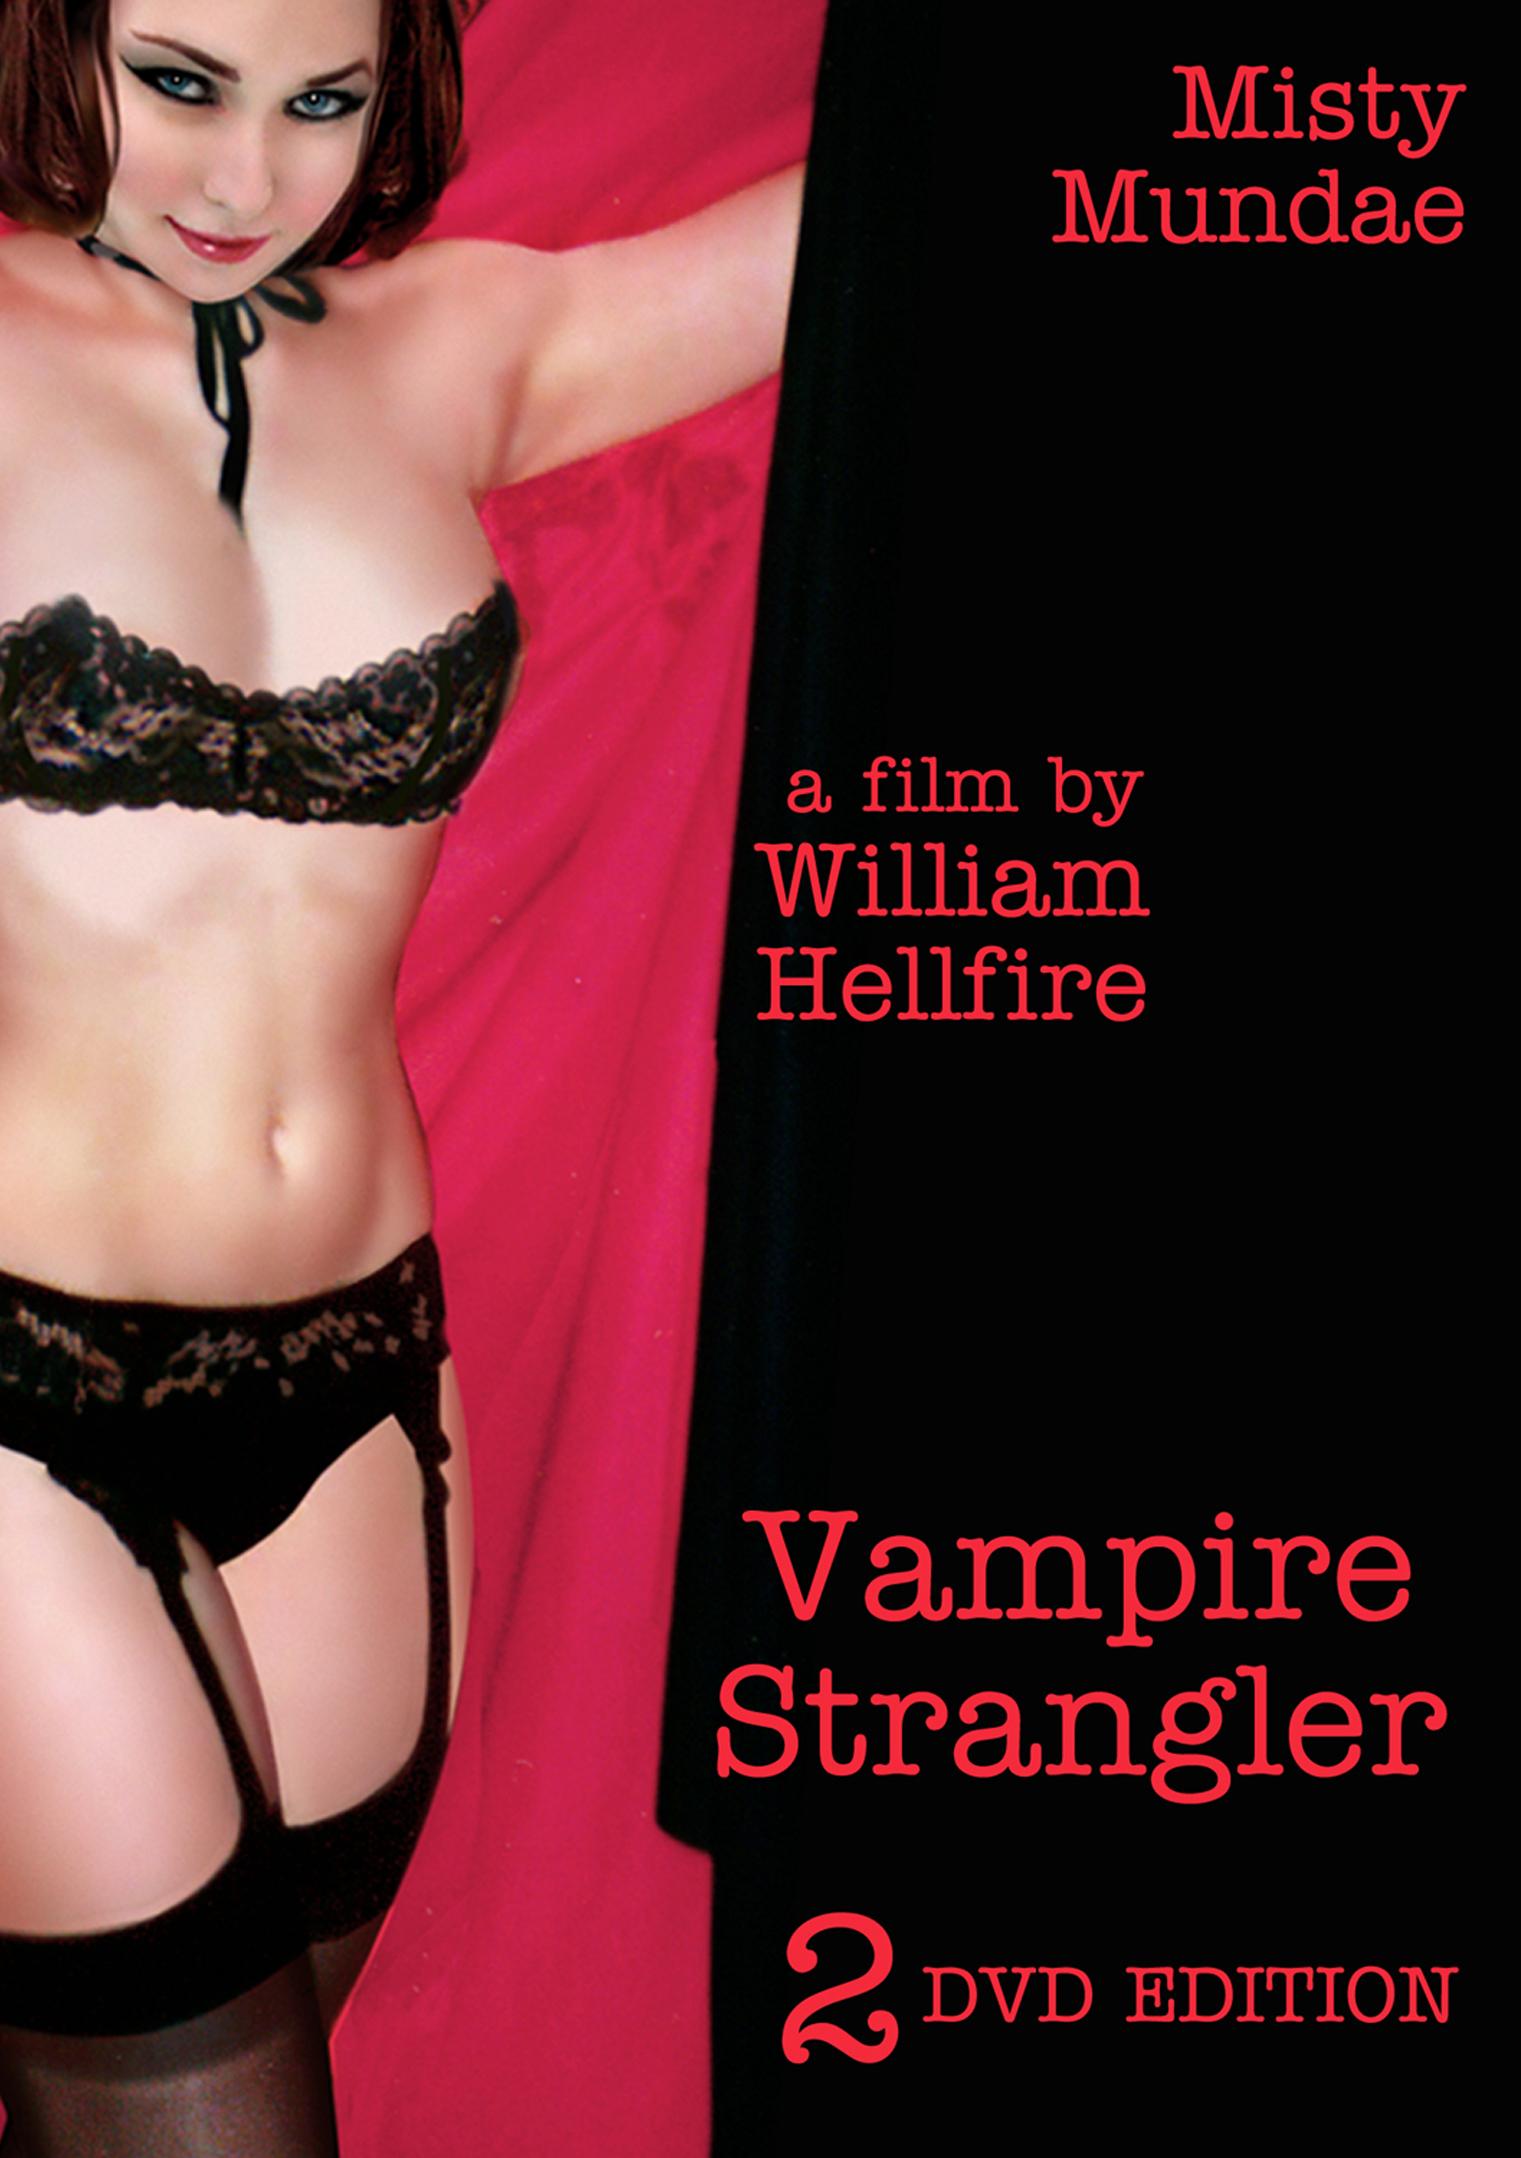 Vampire strangler sex scenes sexy scene